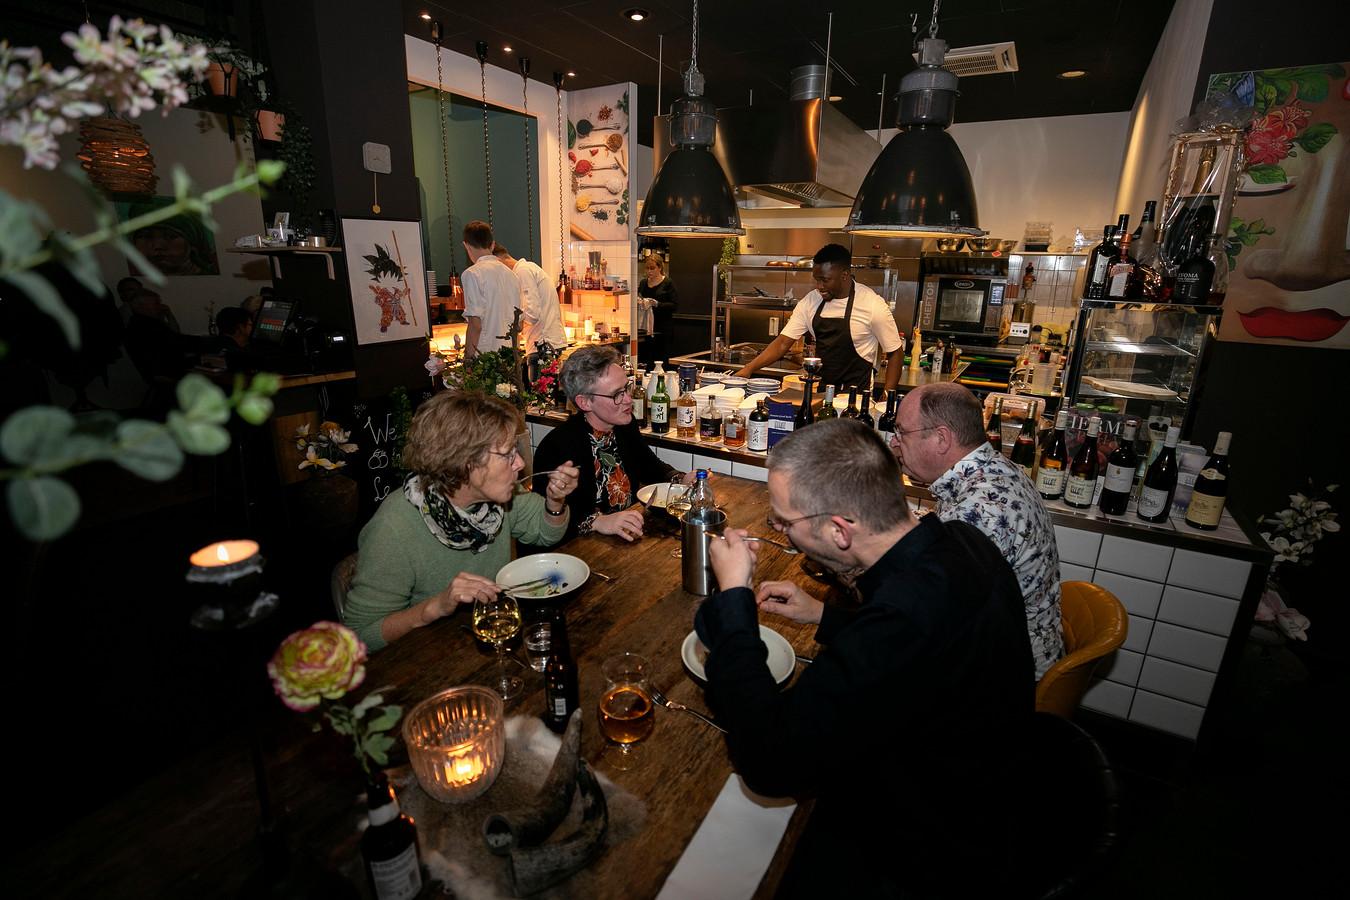 In het sfeervolle restaurant Le Yuzu in Asten serveren ze Franse en oosterse gerechten.